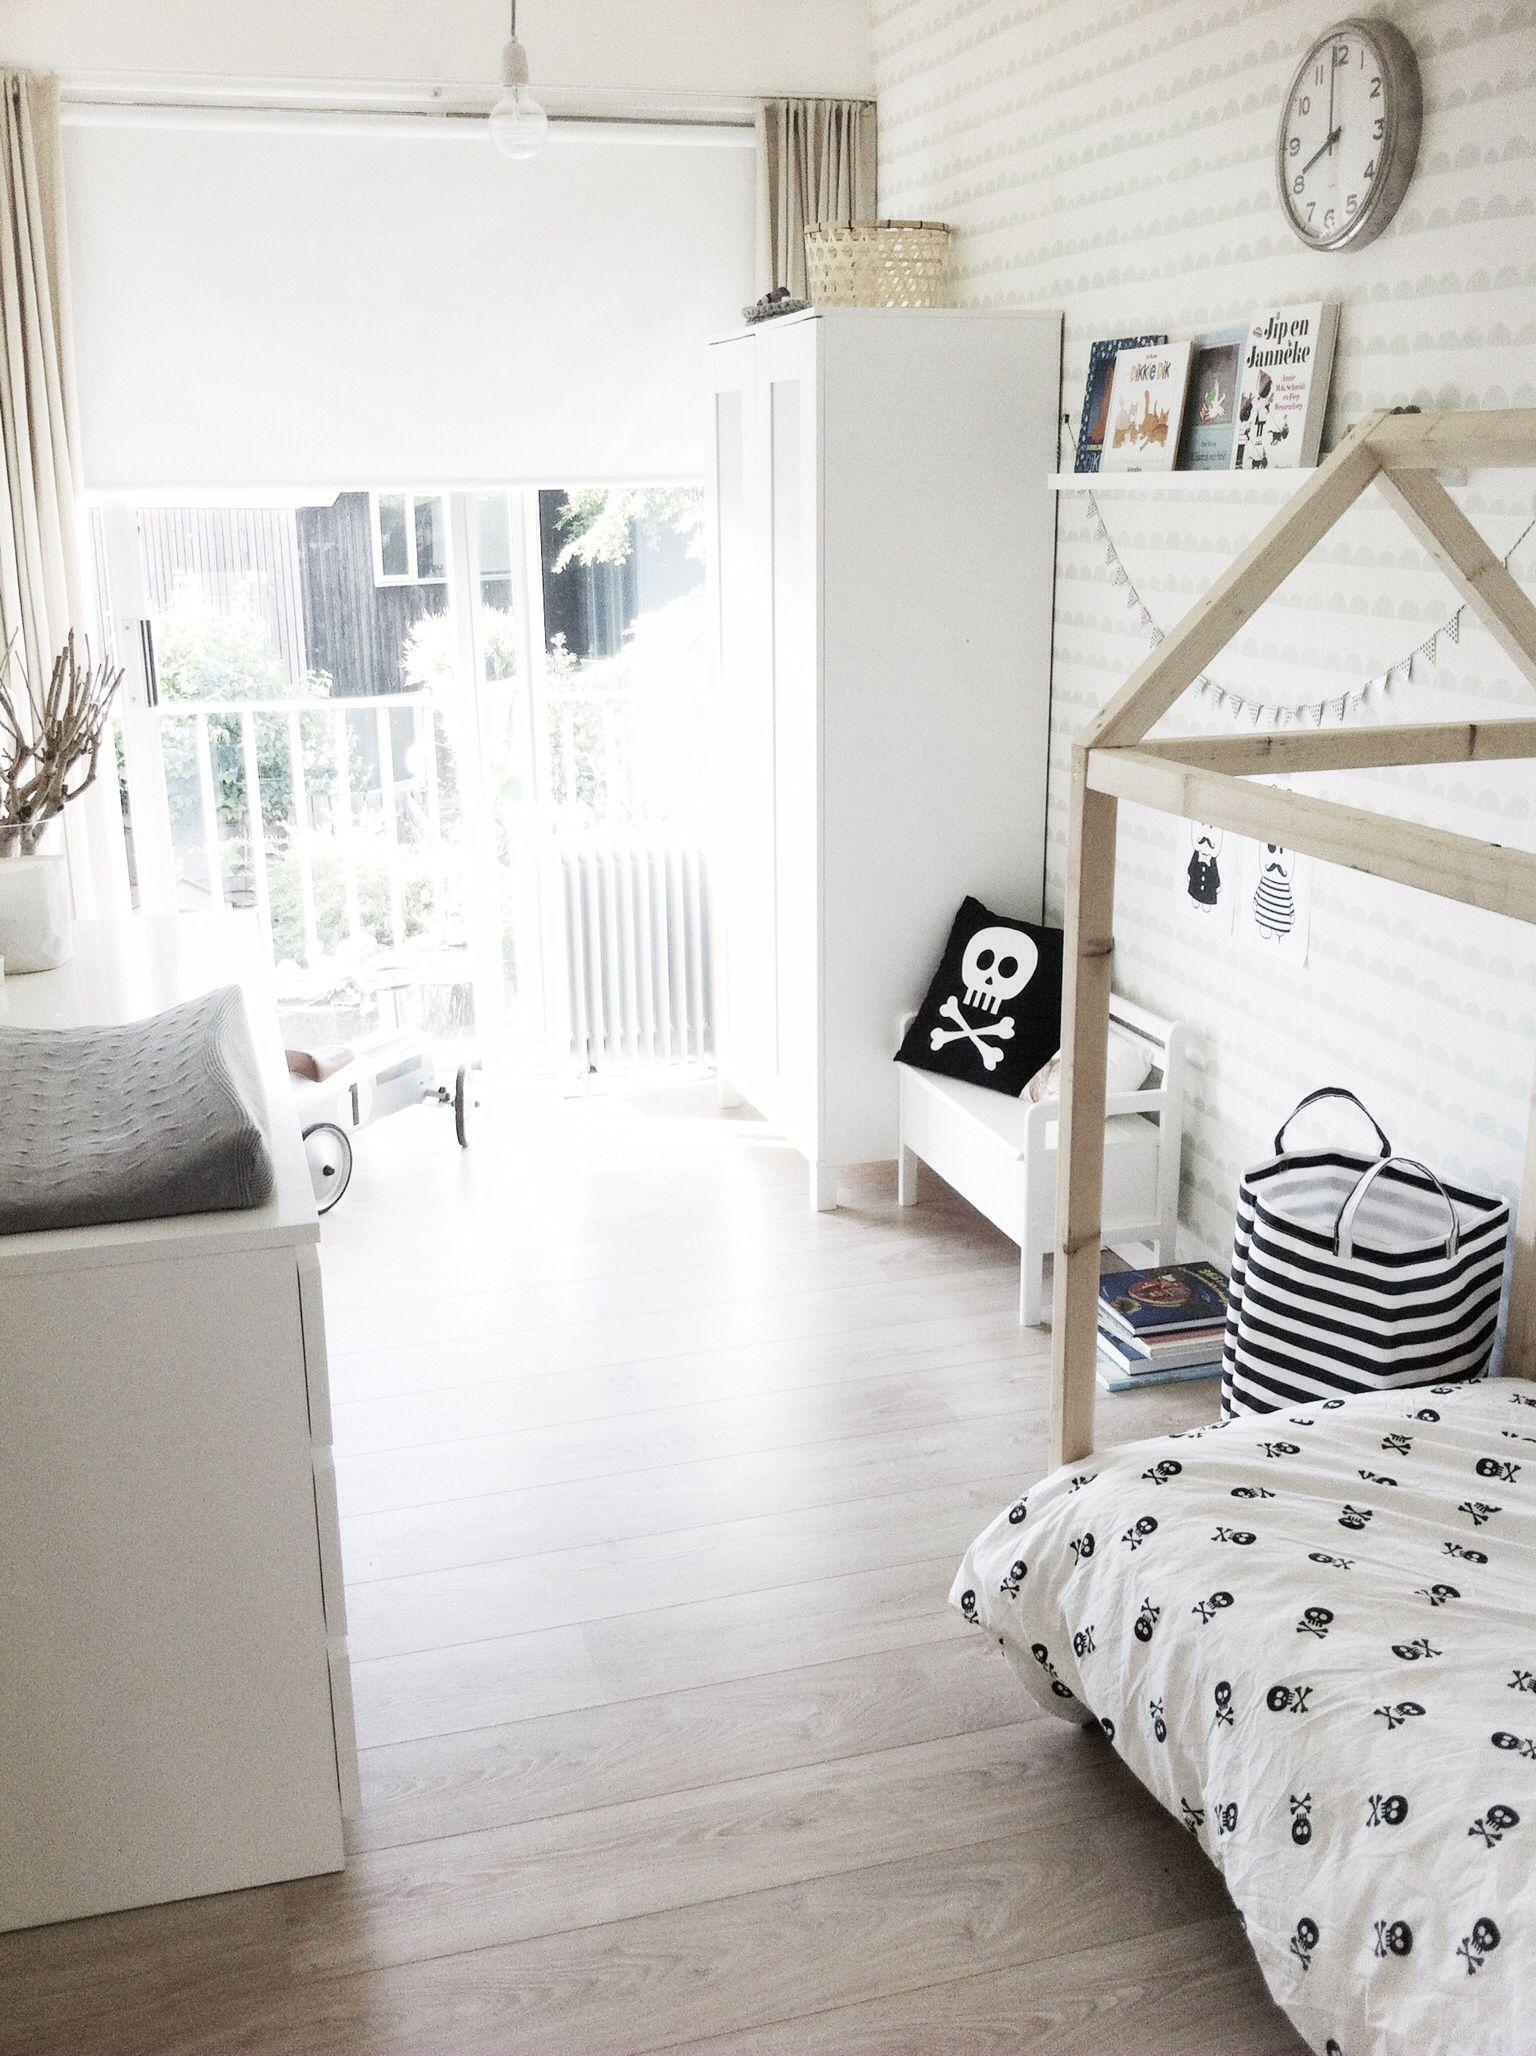 Kinderzimmer schwarz weiß | Ideen rund ums Haus | Pinterest ...